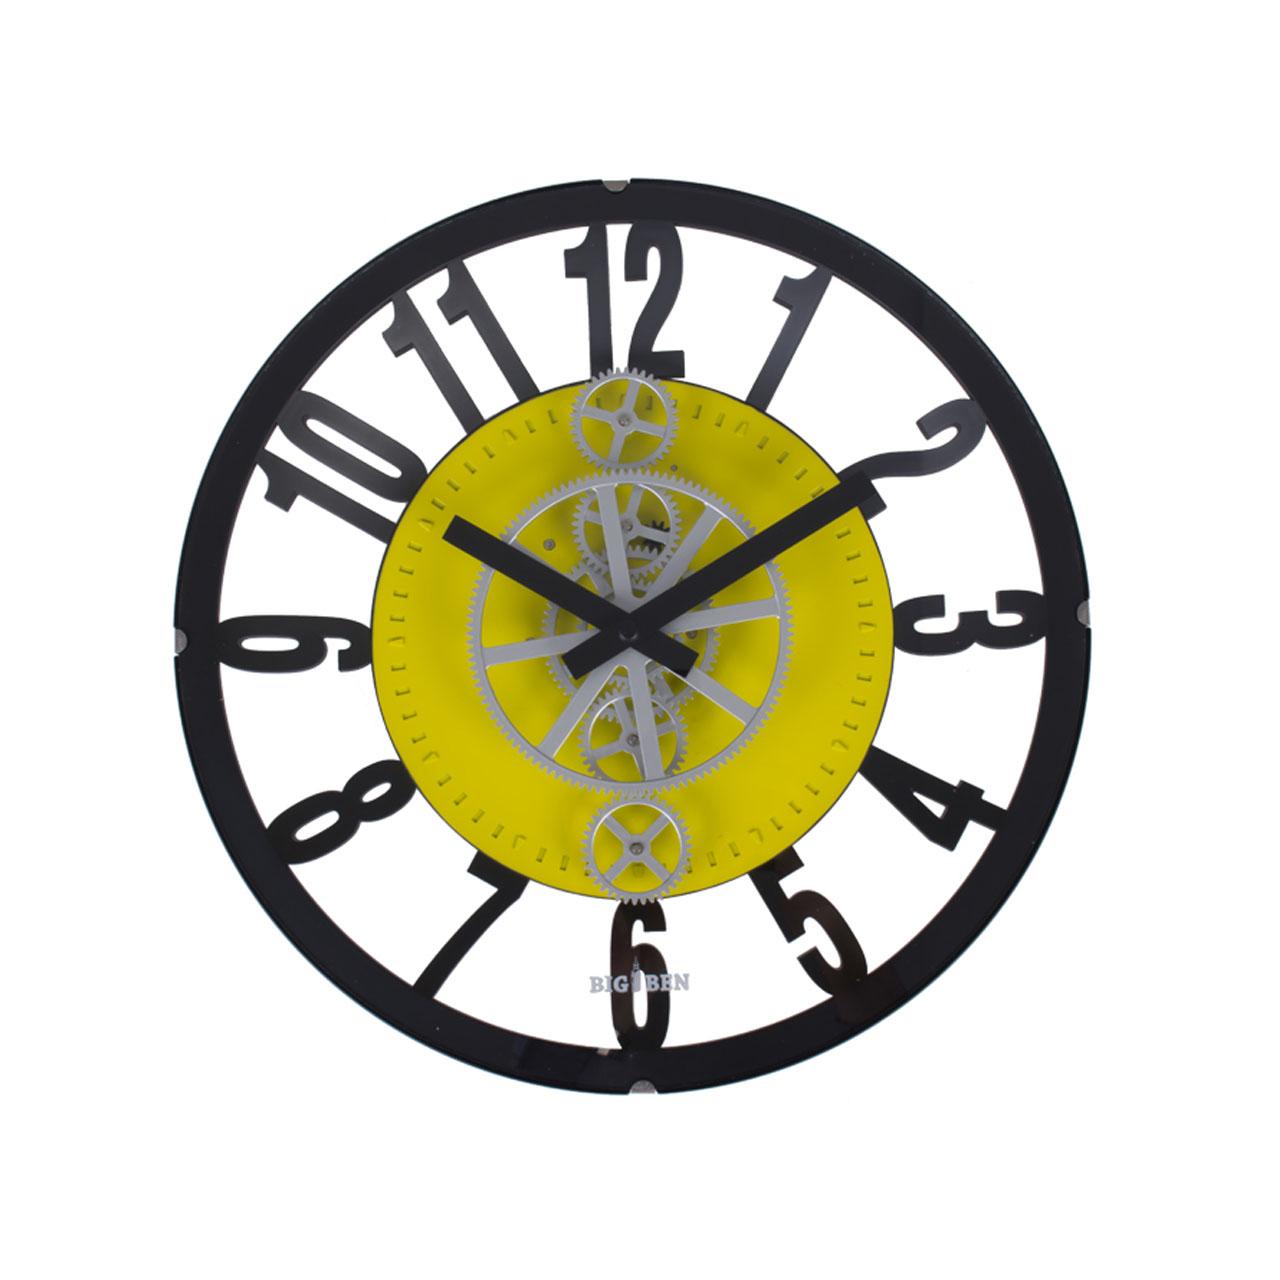 ساعت بیگ بن مدل WG-365